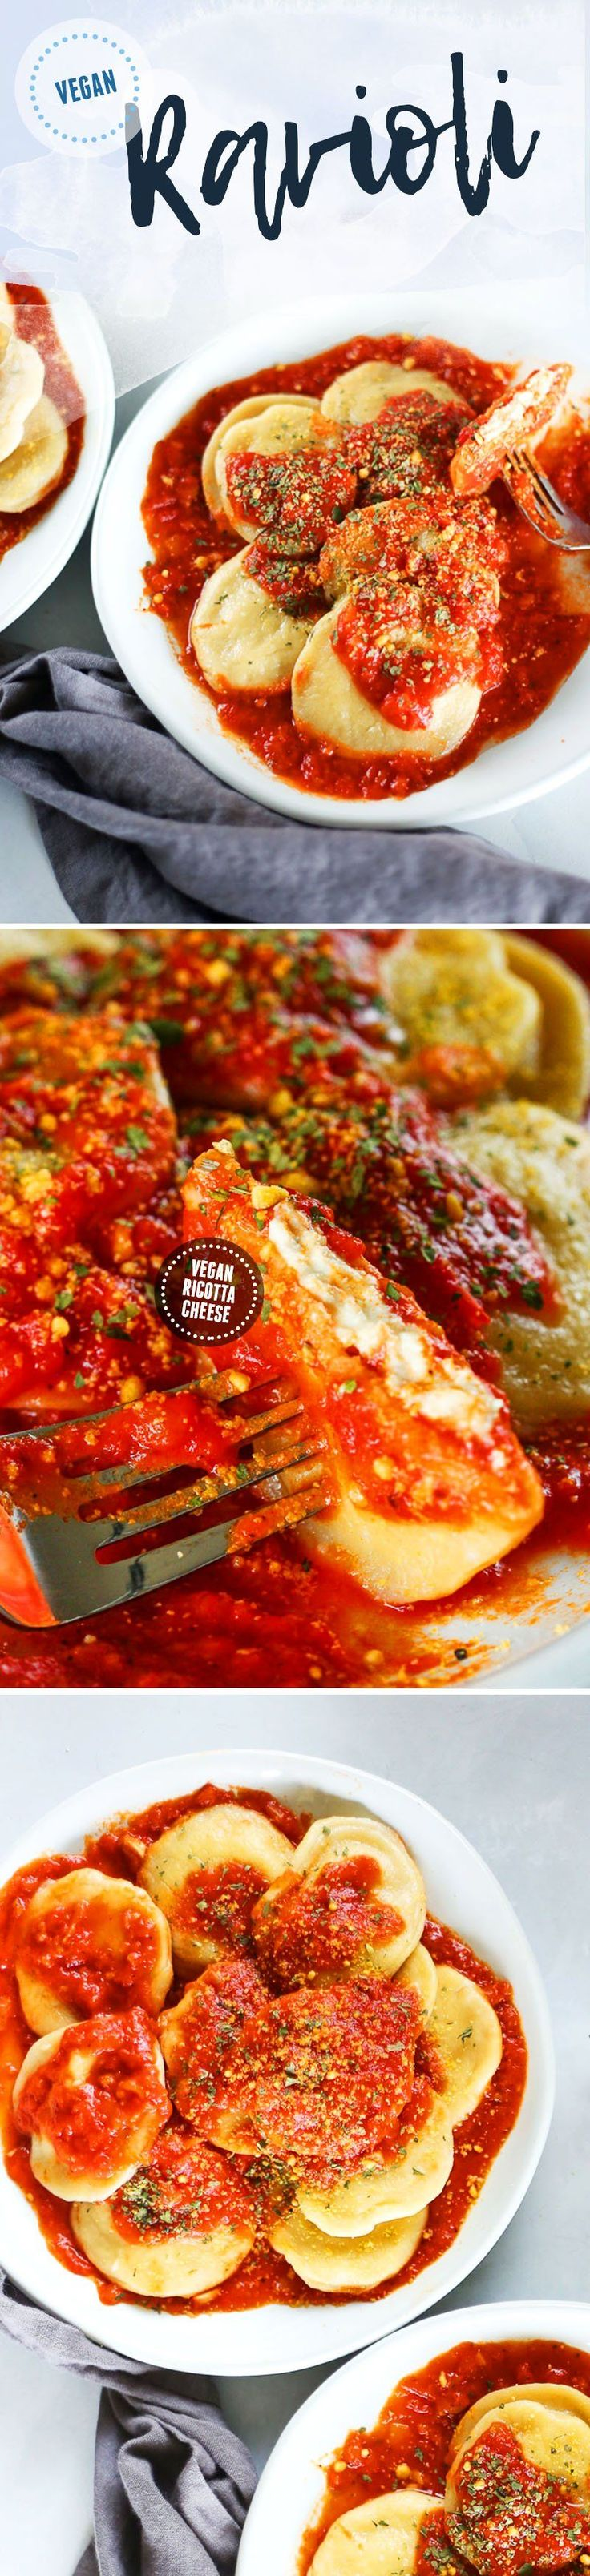 Easy, Simple Homemade VEGAN Ravioli Recipe with Vegan Tofu Almond Ricotta Cheese and Homemade Marinara Tomato Sauce #vegan #ravioli #italian #vegancheese